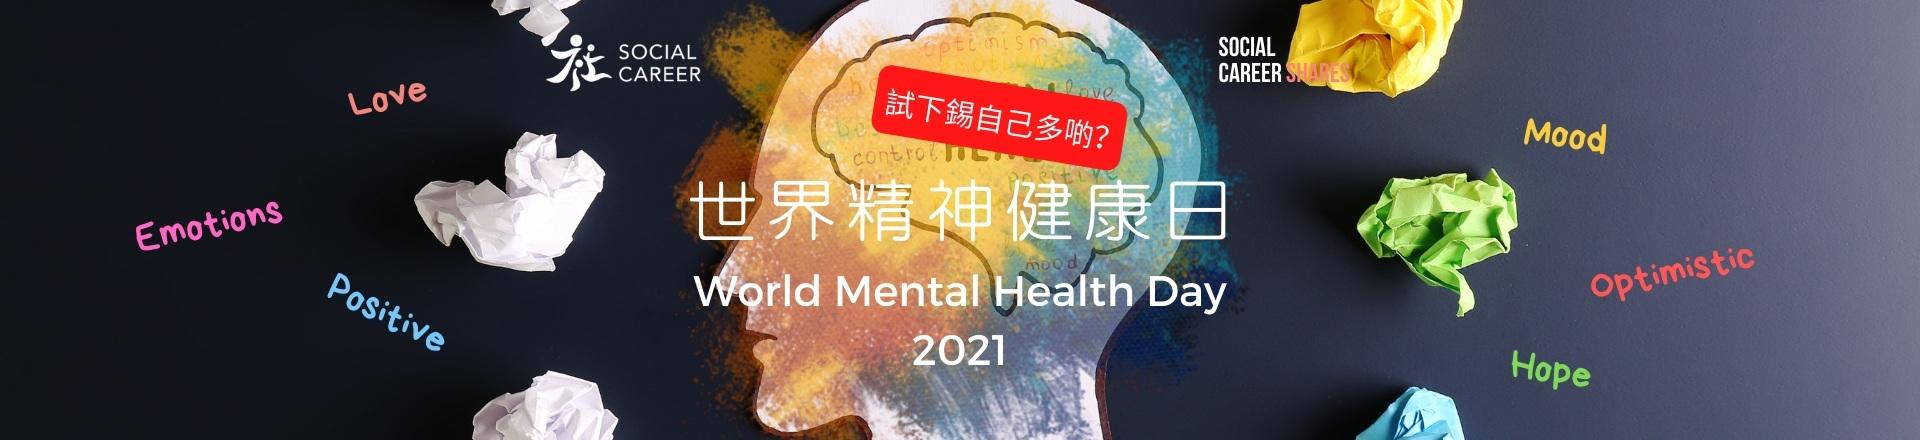 10個照顧自己精神健康貼士 10月10日世界精神健康日 2021 World Mental Health Day 2021